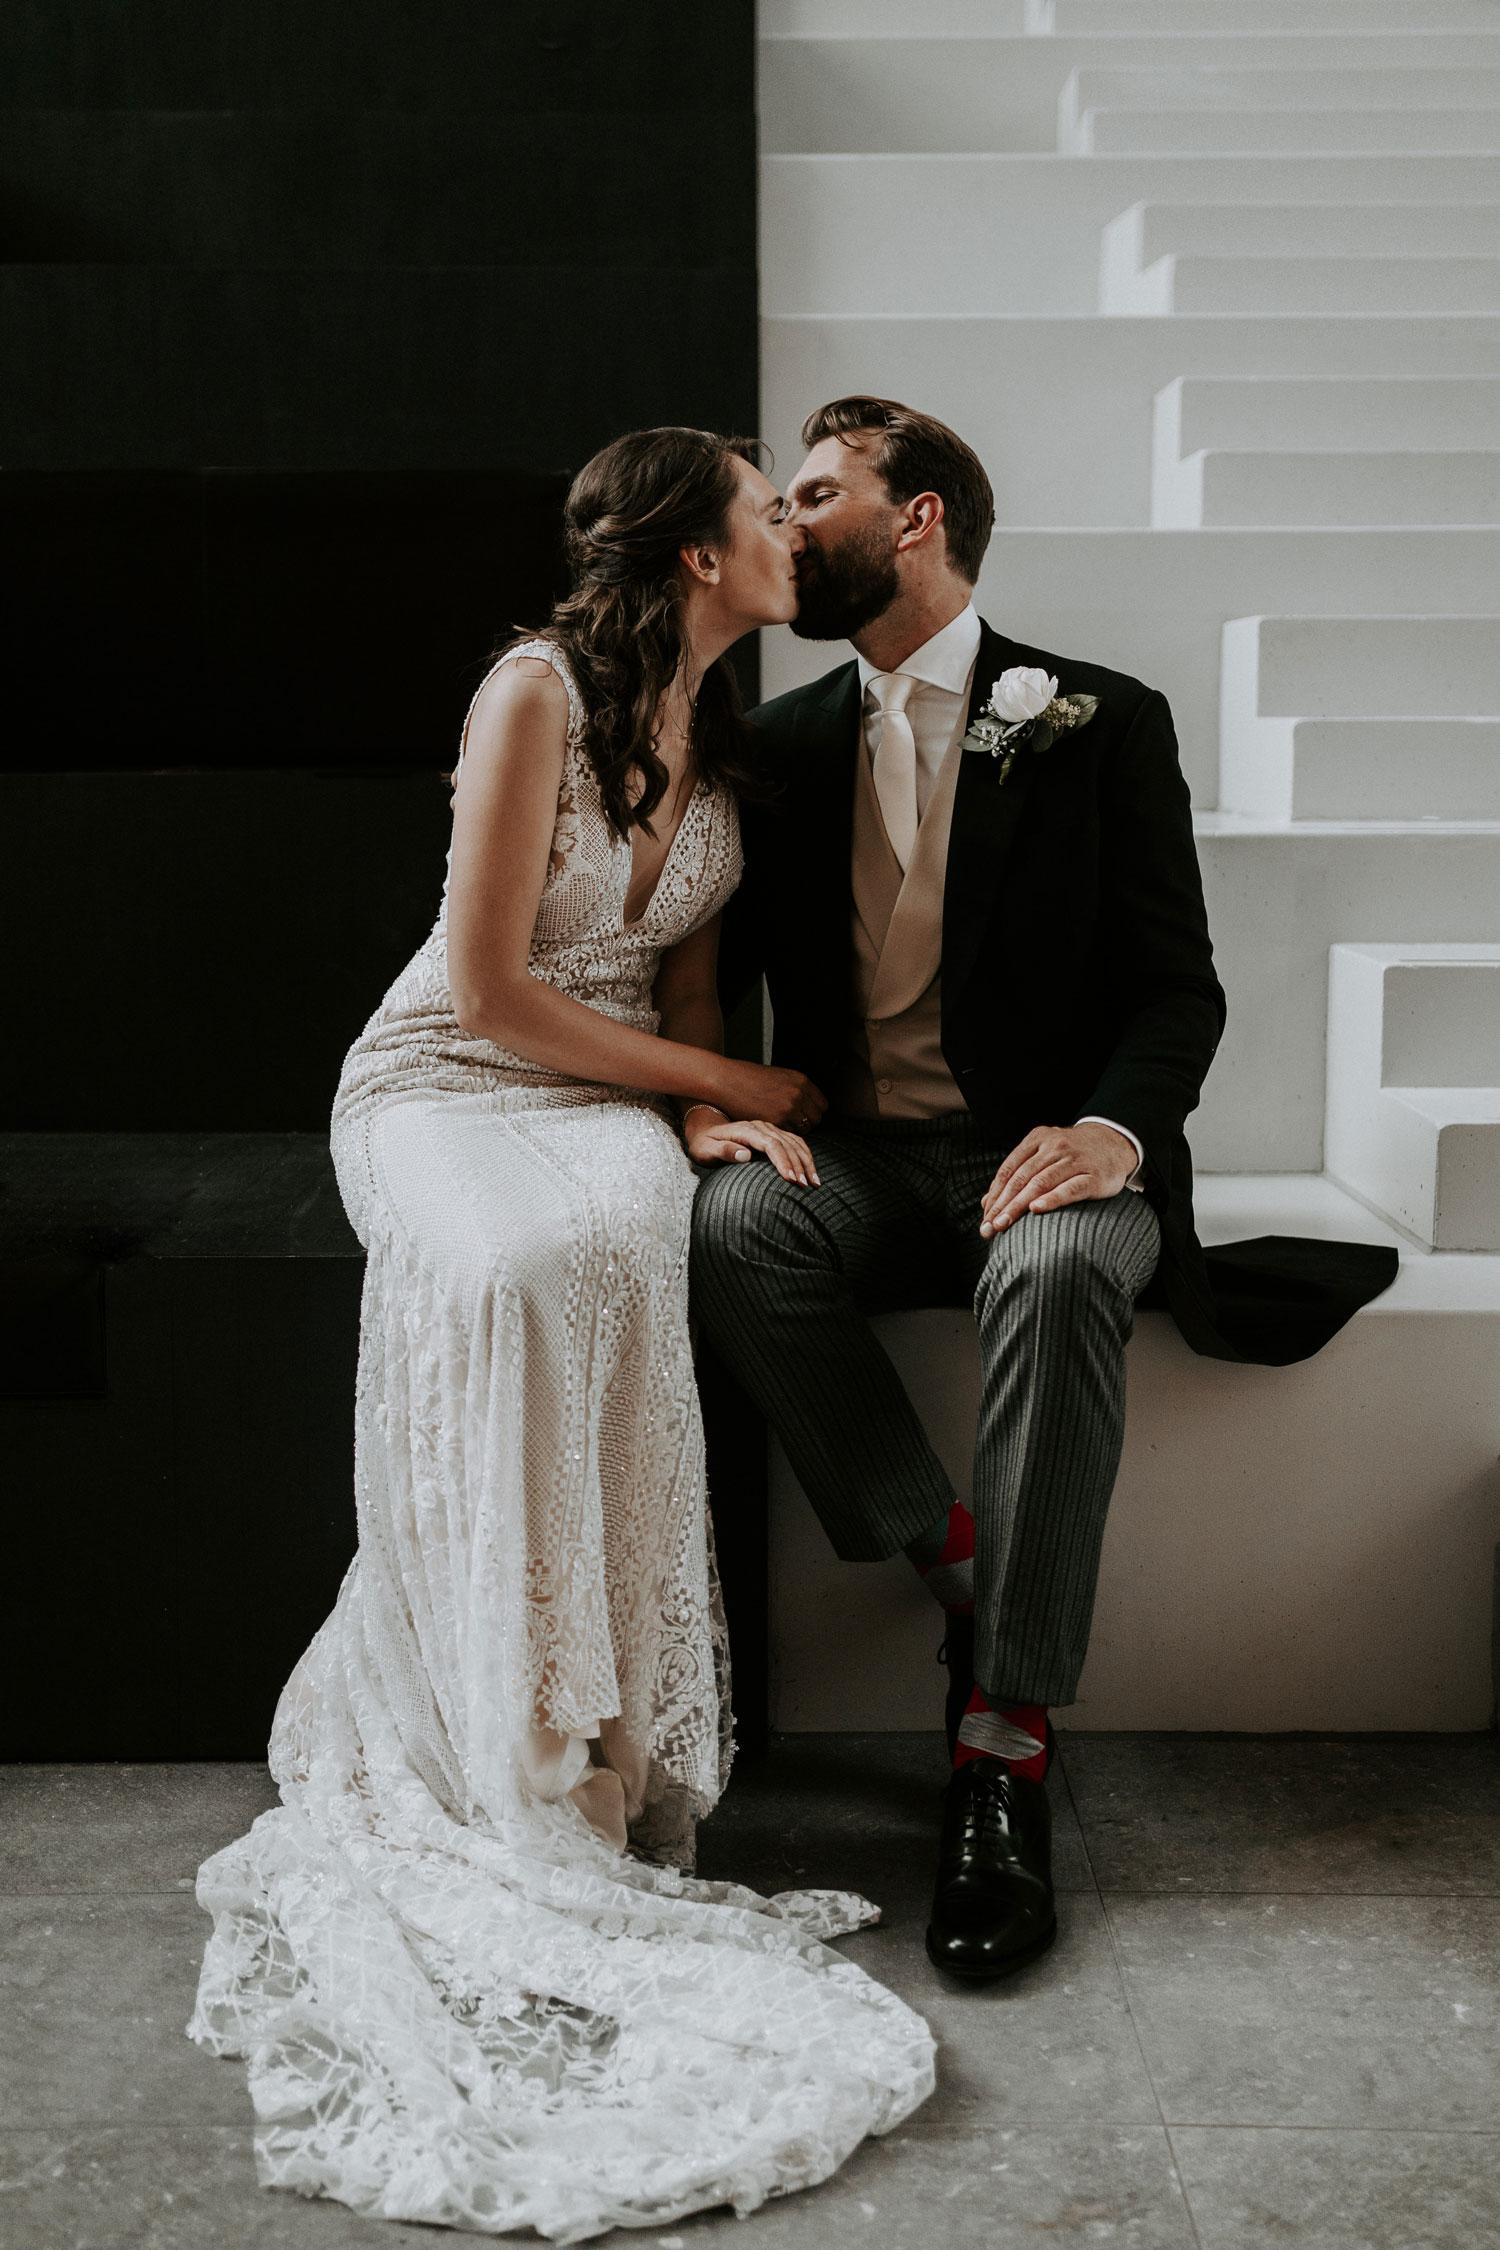 StancePhotography_Faye&Jochem-30